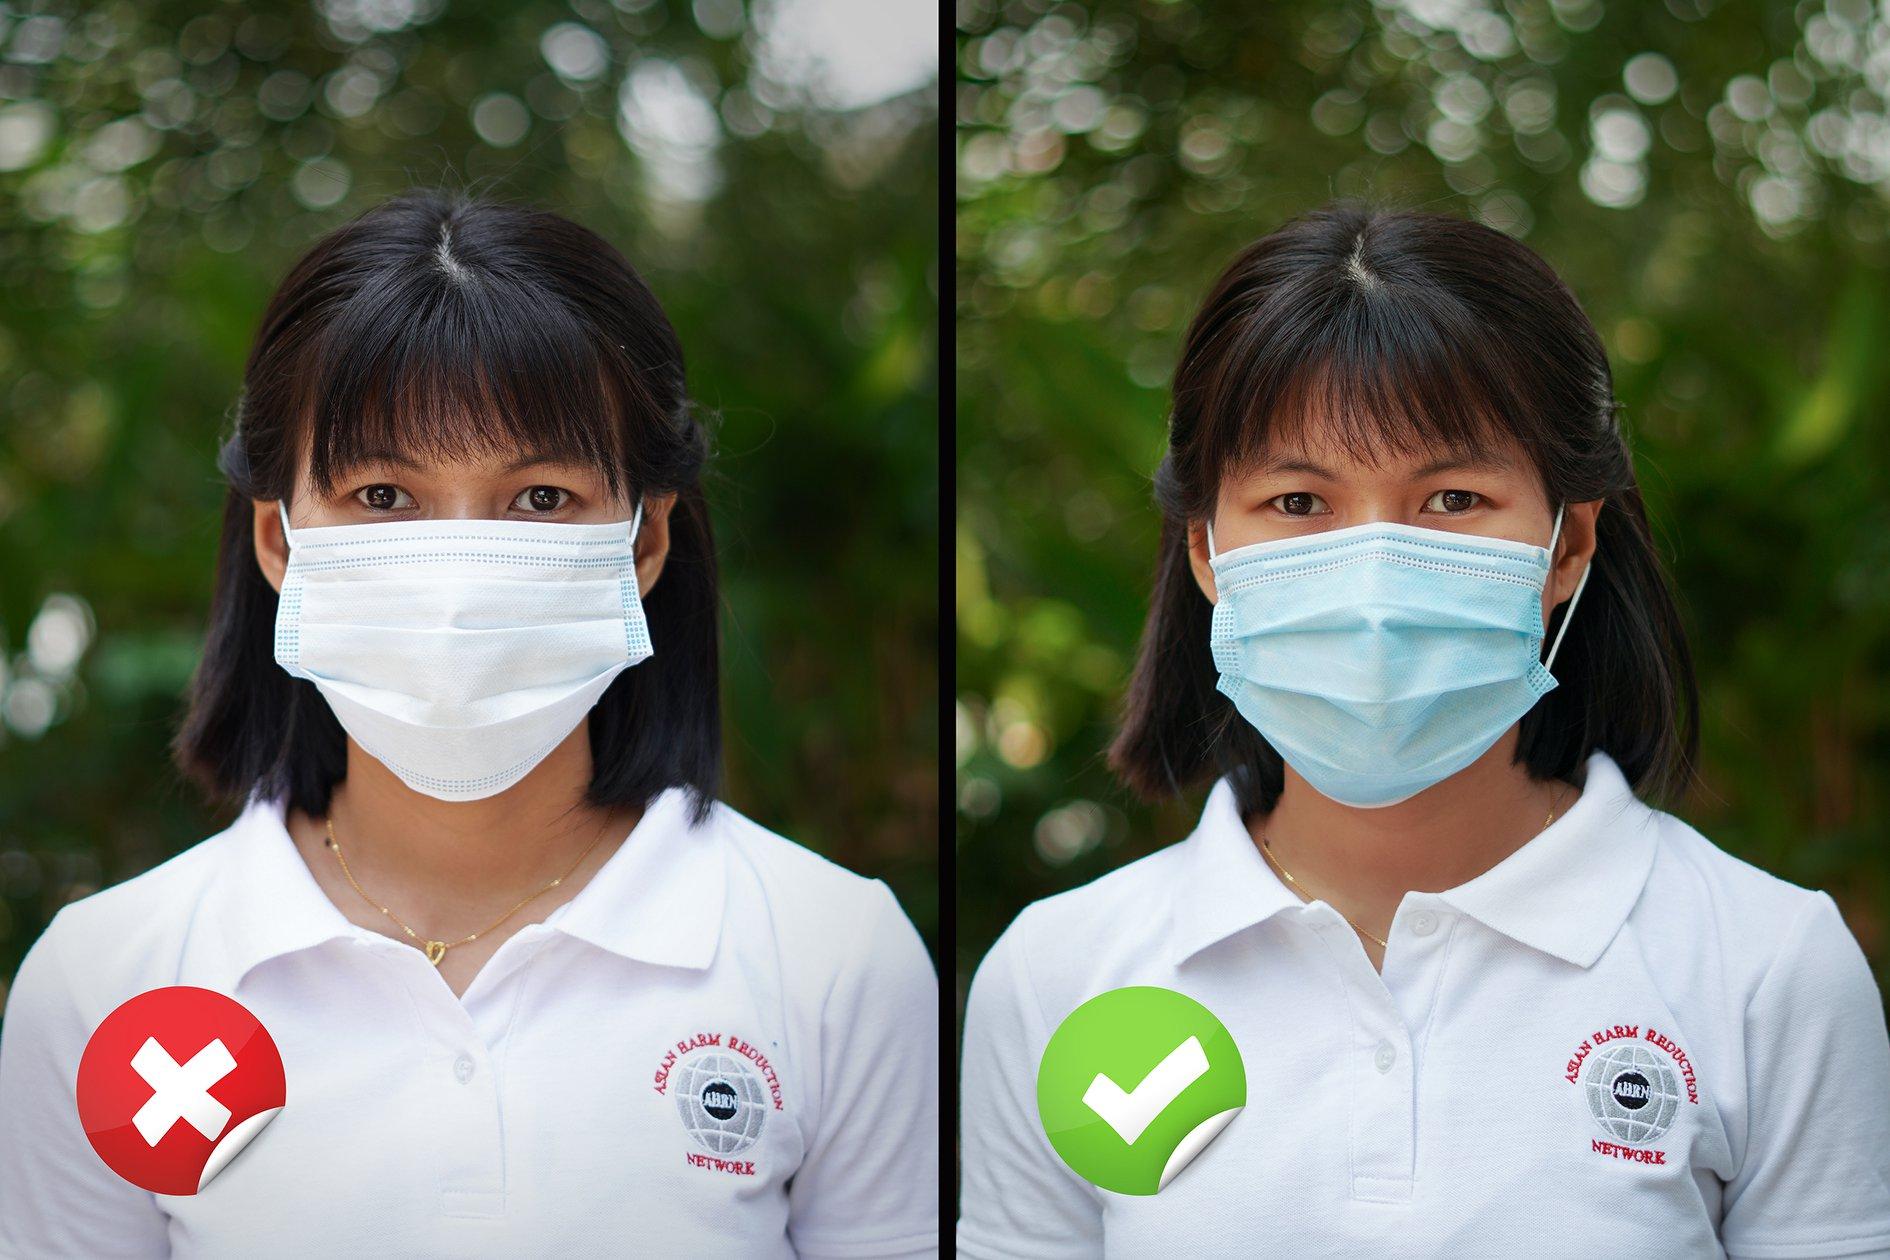 ပါးစပ်နှင့် နှာခေါင်းစည်းကို အဖြူရောင်အပြင်ဘက်ထုတ်၍ ပြောင်းပြန်တပ်ဆင်ခြင်းမပြုရ။ ပါးစပ်နှင့် နှာခေါင်းစည်း၏ အစိမ်းရောင် မျက်နှာပြင်ကို အပြင်ဘက်တွင်ထား၍ နှားခေါင်း၊ ပါးစပ်တို့ကို လုံခြုံအောင် တပ်ဆင်ပါ။